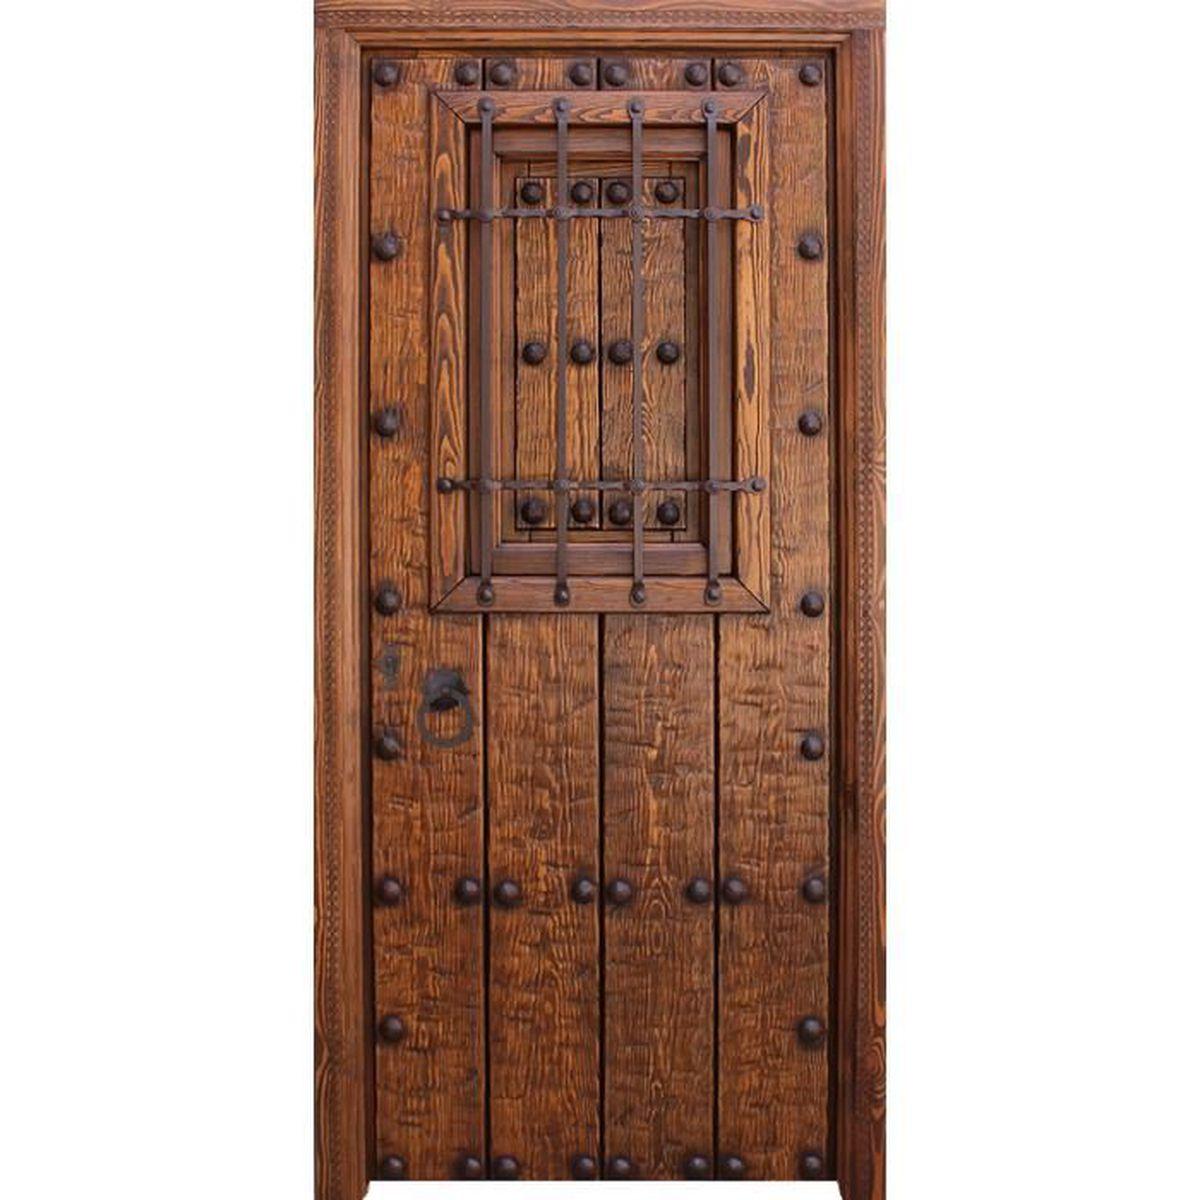 Porte D Entrée En Bois Massif Prix porte d'entrÉe en bois massif alcudiar 99x211cm - achat